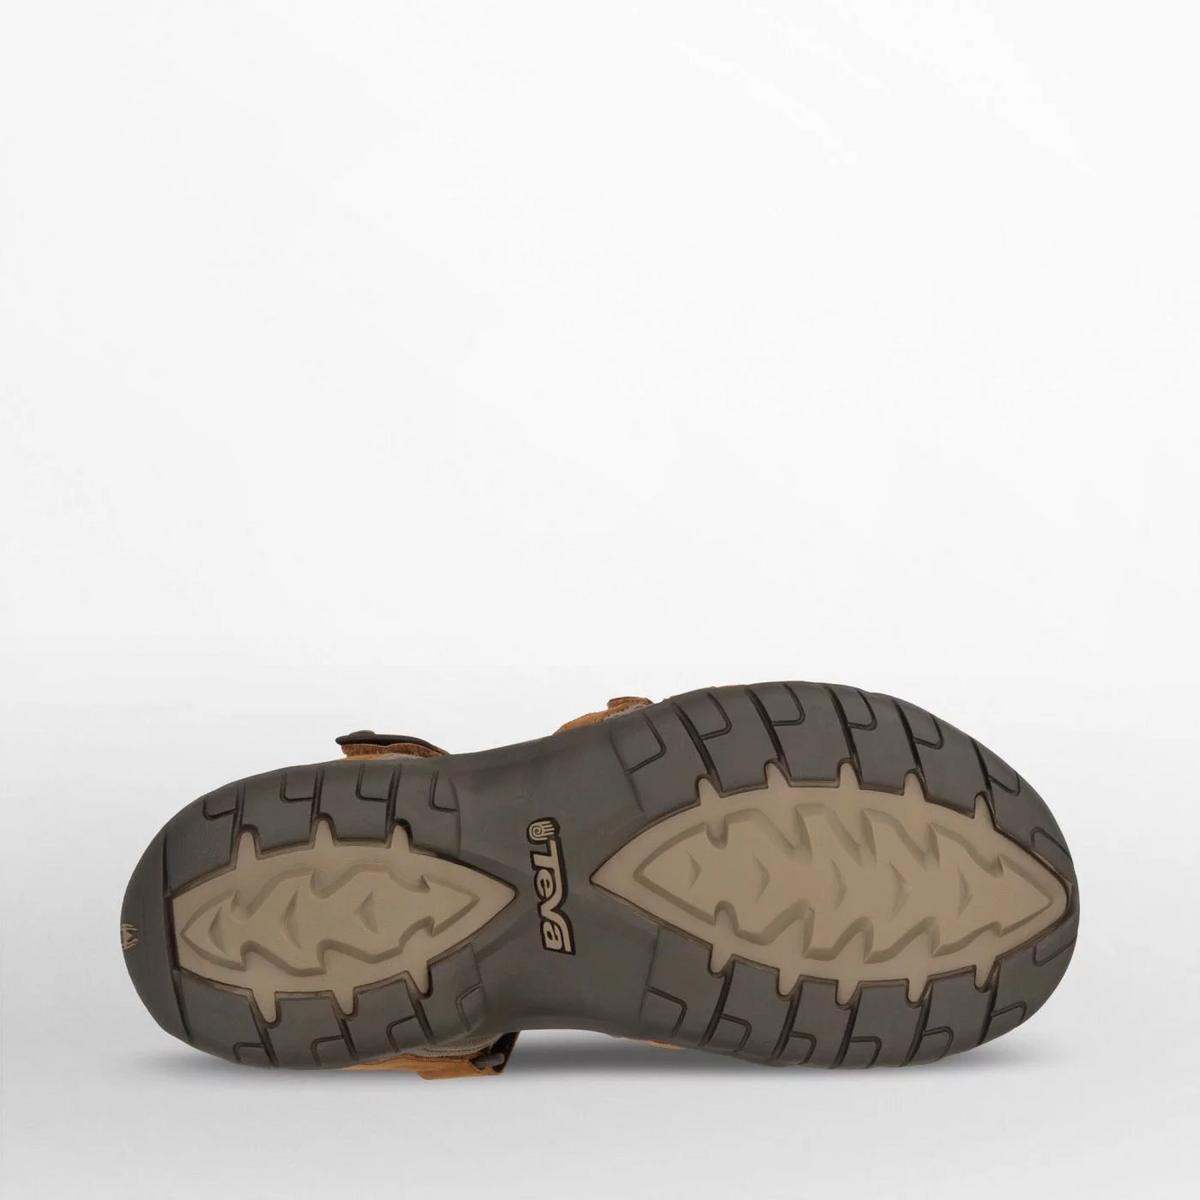 Teva Women's Tirra Leather Sandal